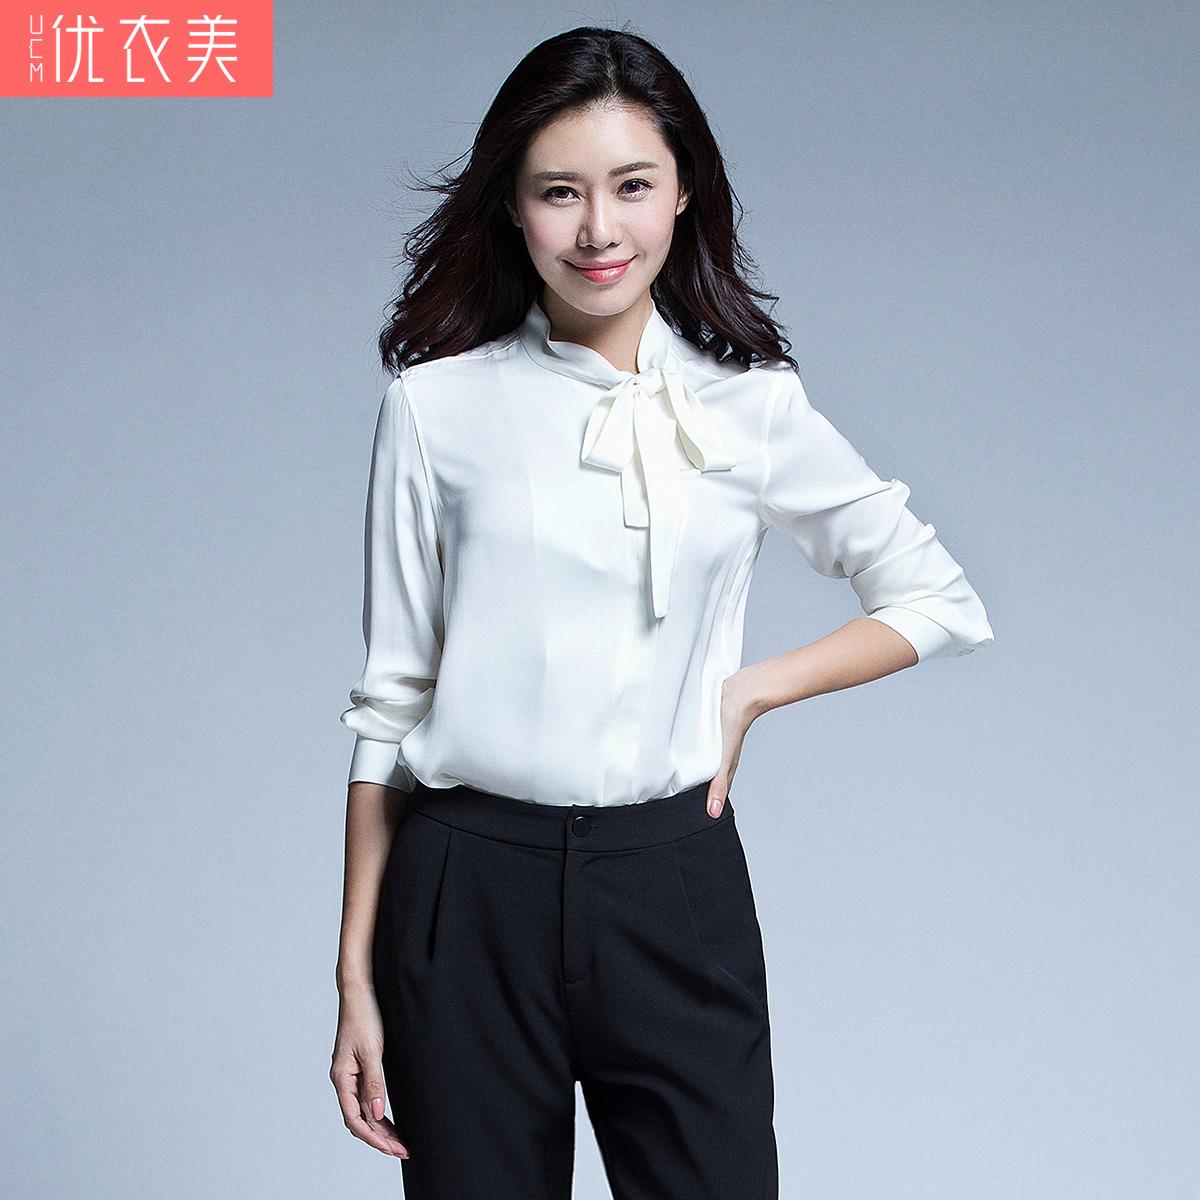 春季女职业衬衫立领